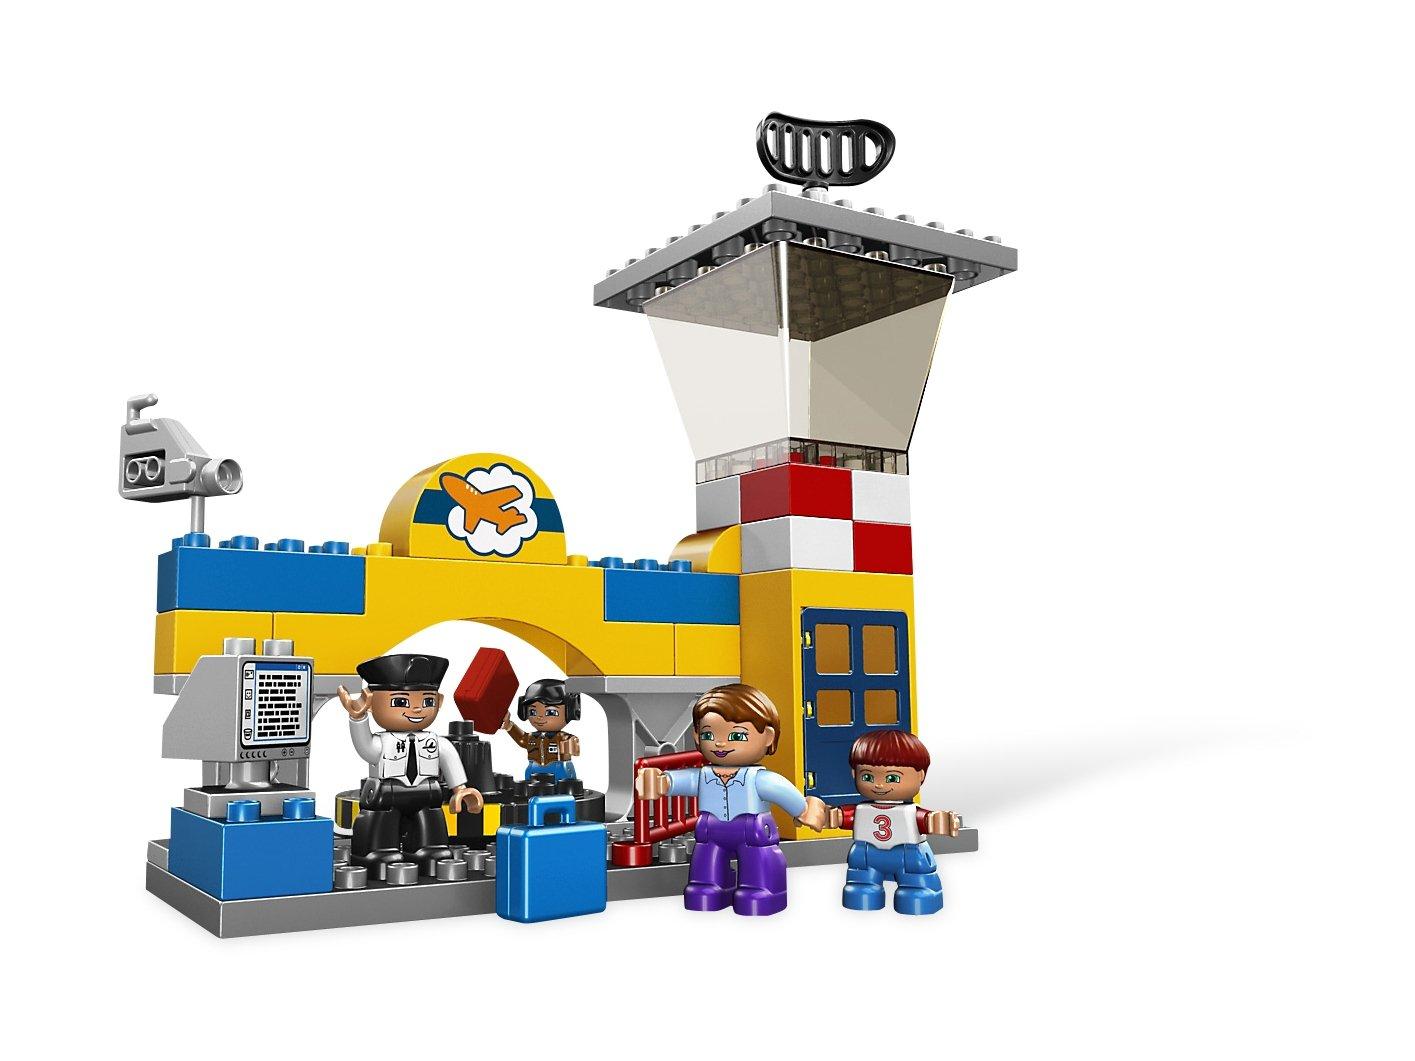 Lego 5595 Duplo Lotnisko Porównaj Ceny Zklockówpl